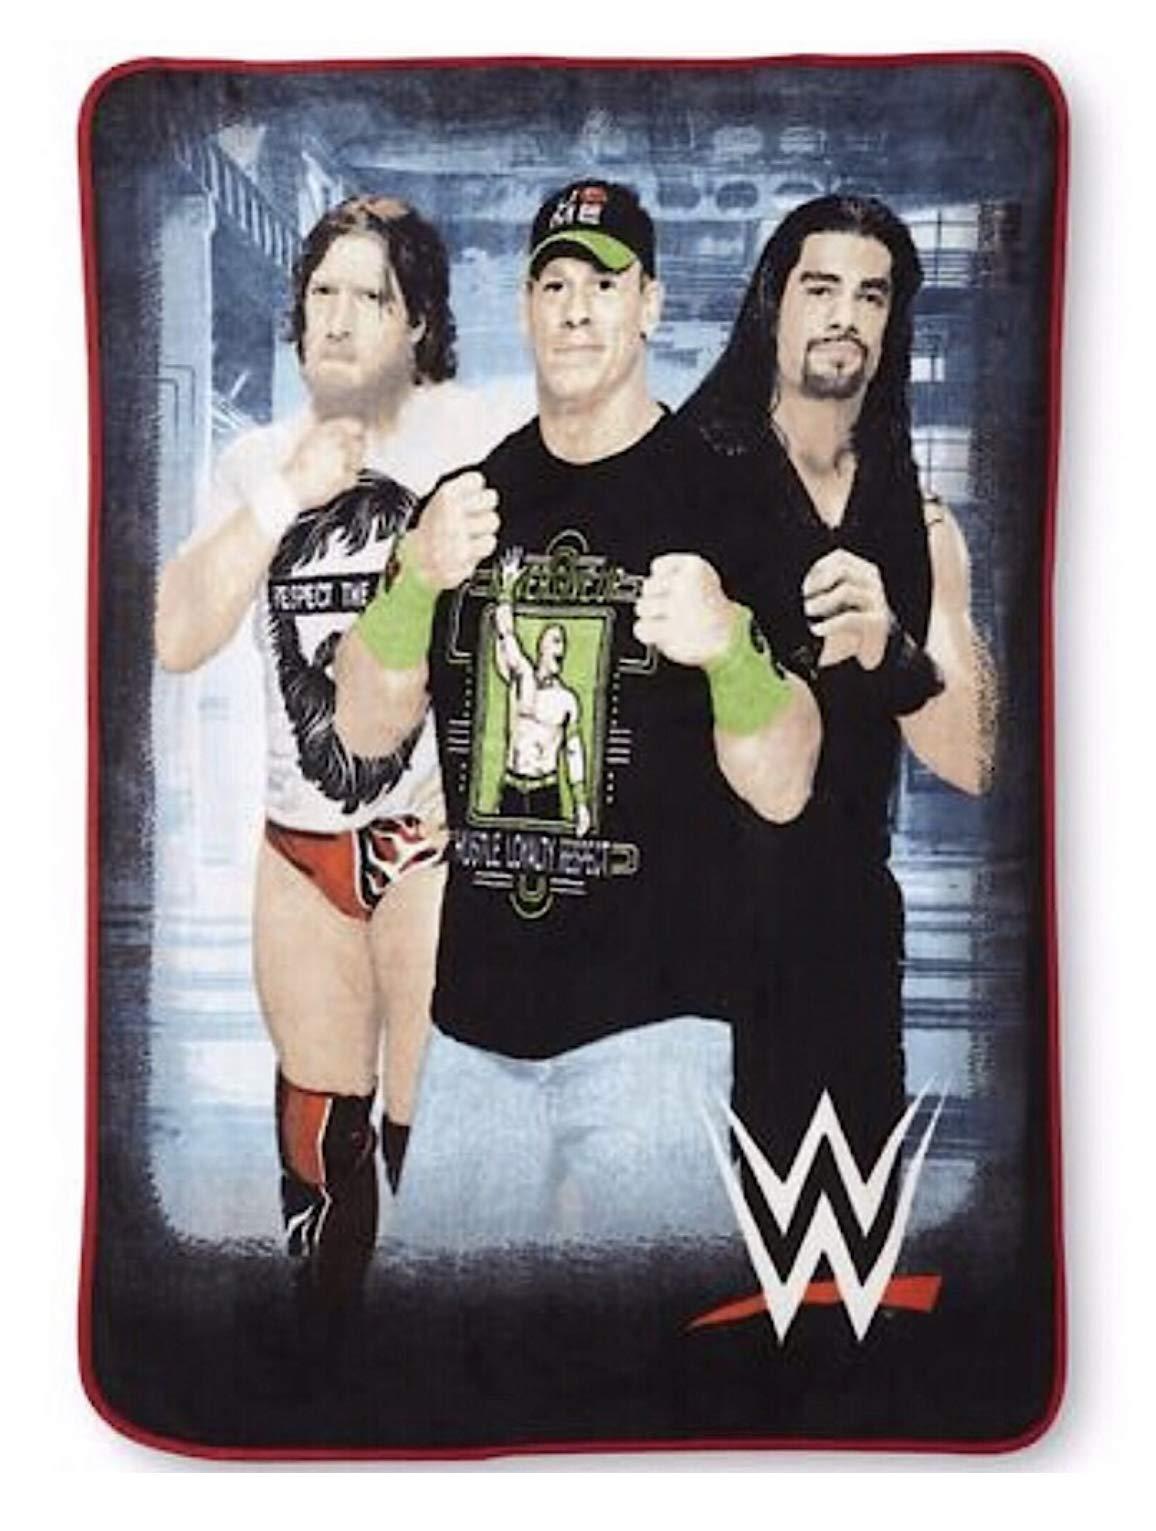 WWE Micro Raschel Blanket Throw Blanket by WWE Kids